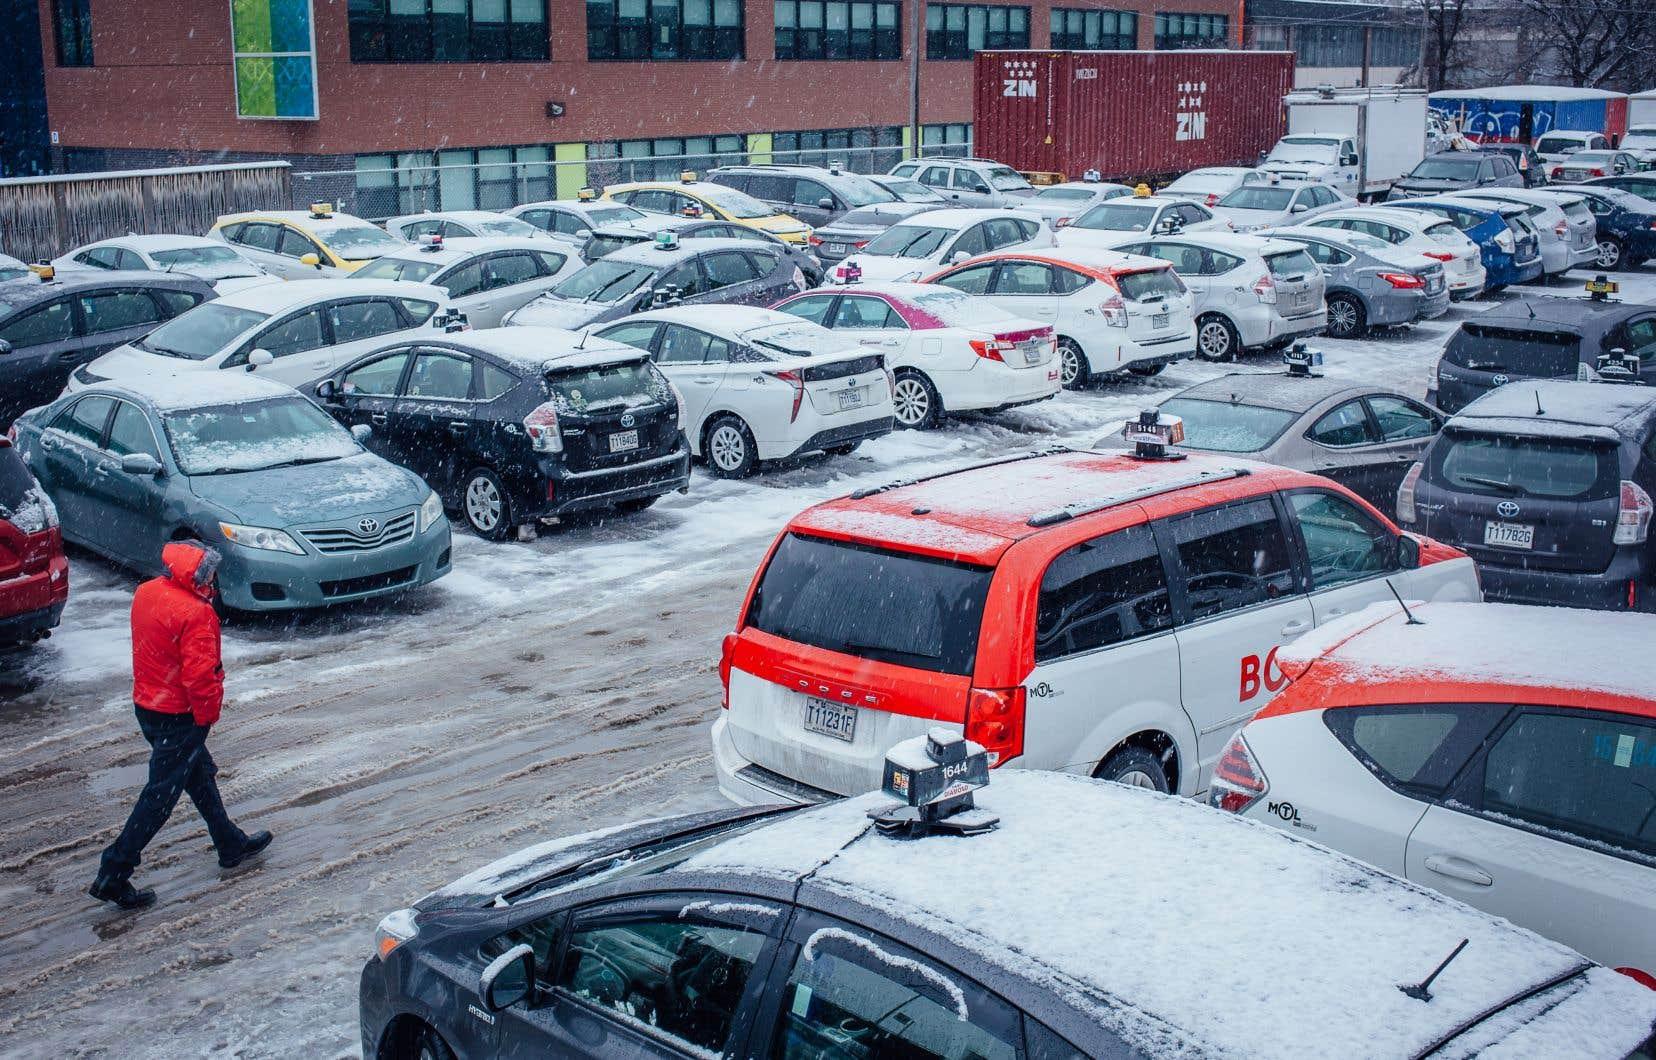 On comptait 8300 permis de taxi au Québec en 2017, selon les données de l'IEDM. Le gouvernement a offert jusqu'à maintenant 500millions$ à leurs détenteurs, alors que la valeur de ces permis est estimée à 1,4milliard$.